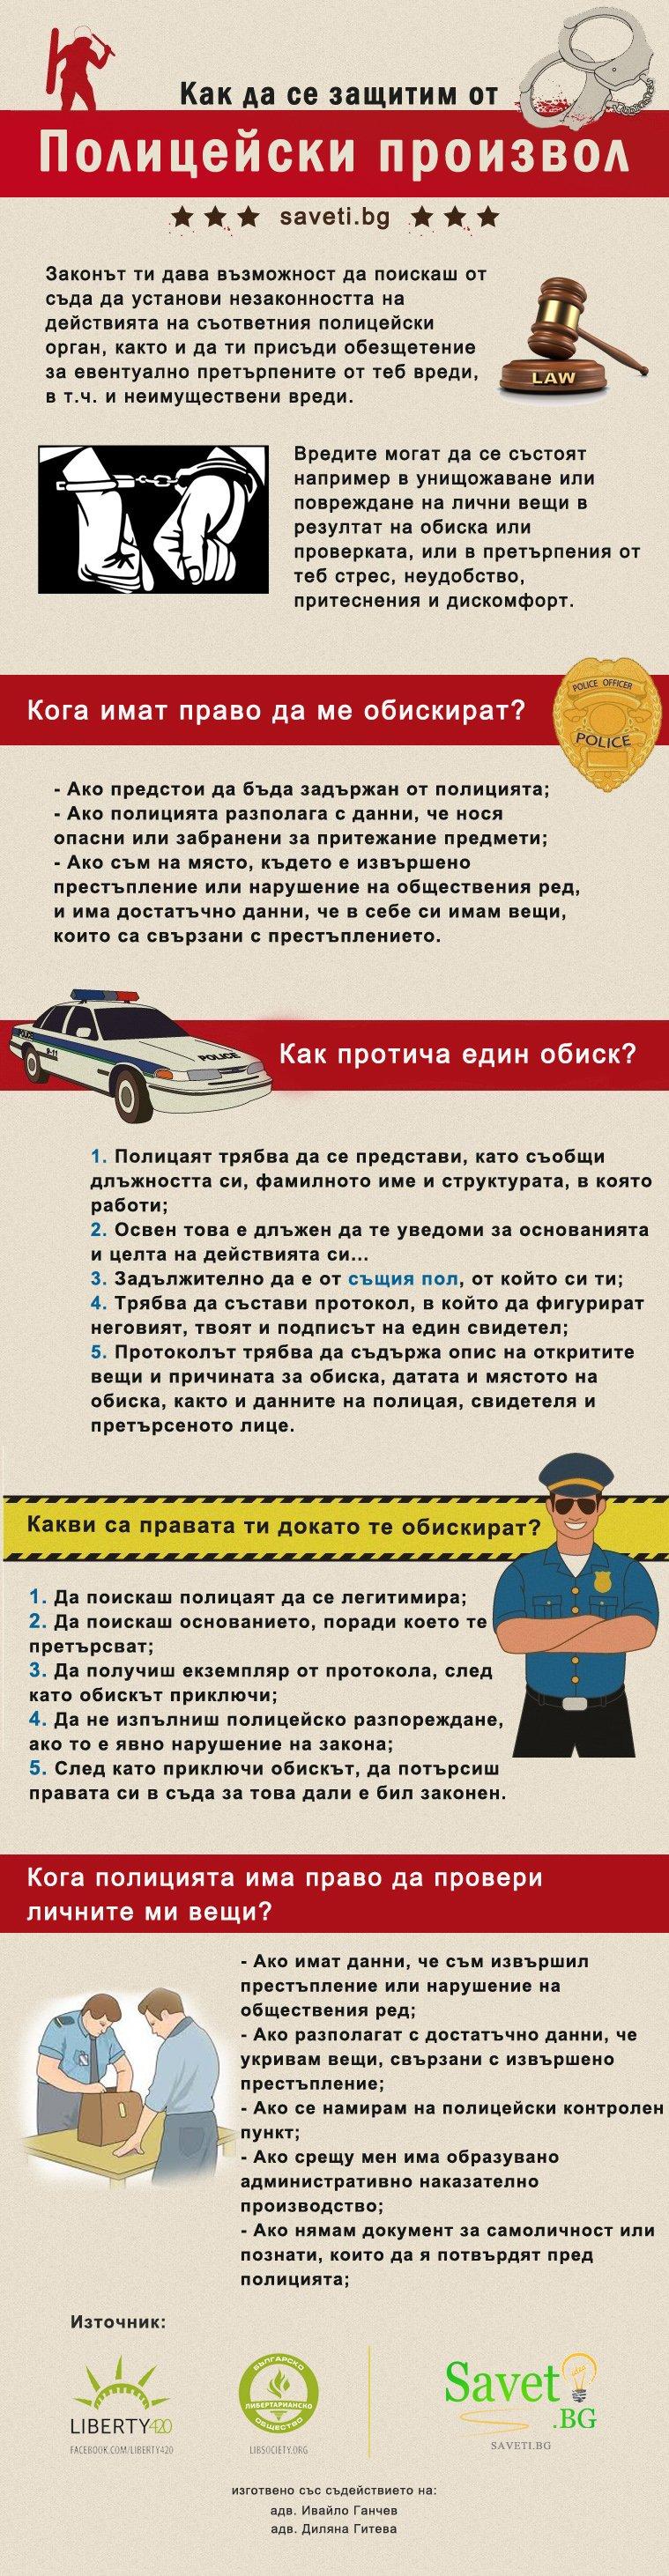 Правата ни при полицейско насилие